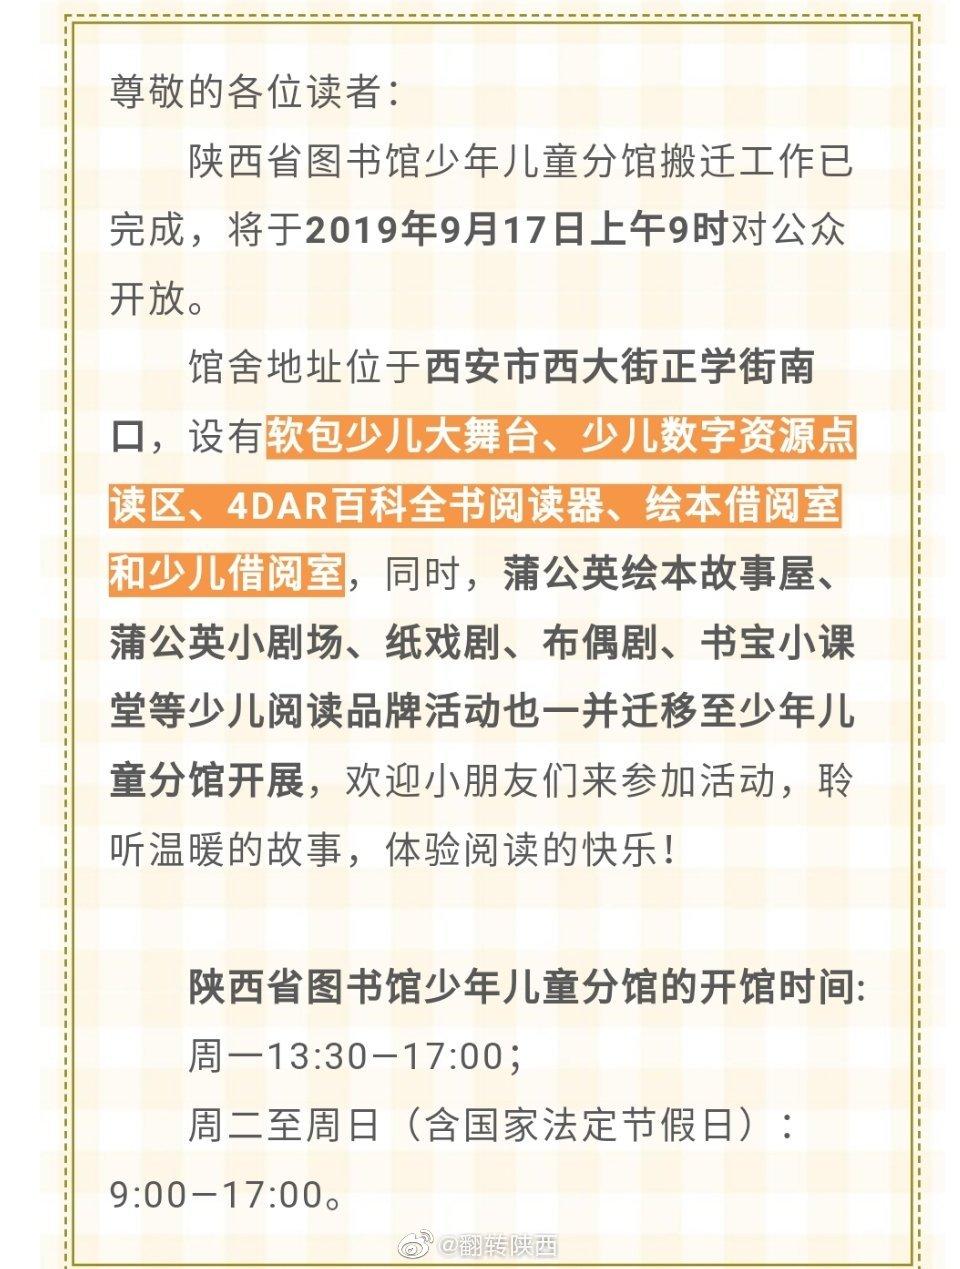 陕西图书馆少年儿童分馆明天正式开馆